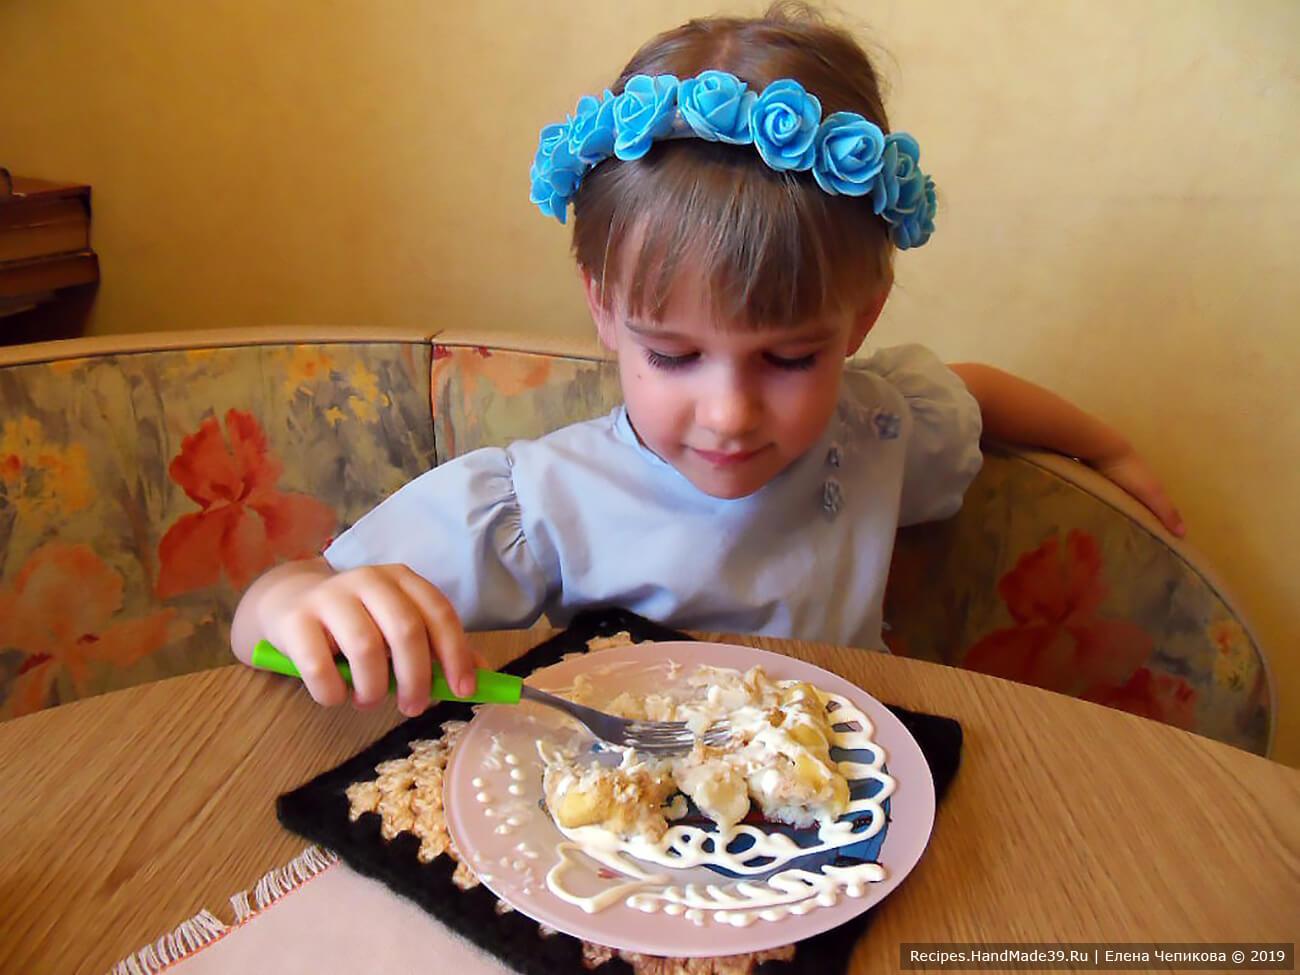 Как приготовить цветную капусту в молочном соусе под сыром – отличный вариант полезного овощного блюда для детей